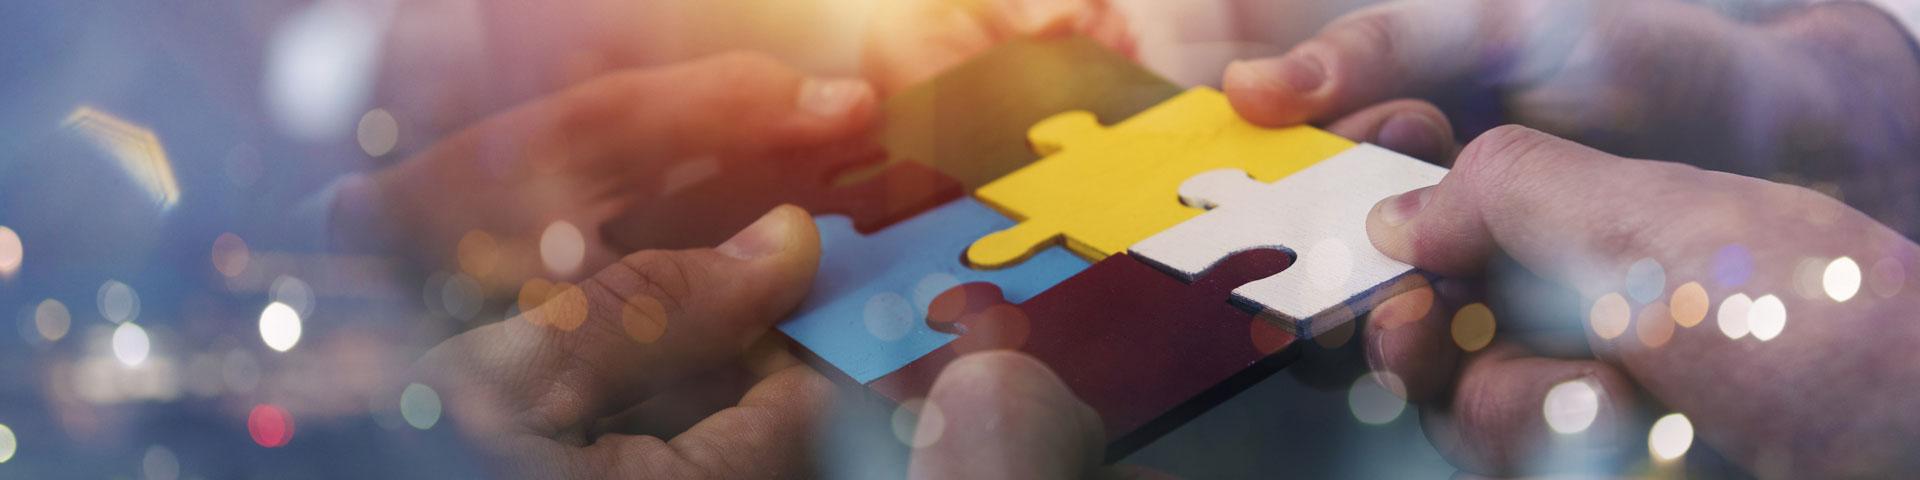 Titelbild für Programmregion und Programmpartner - 5 Hände halten passende Puzzleteile aneinander